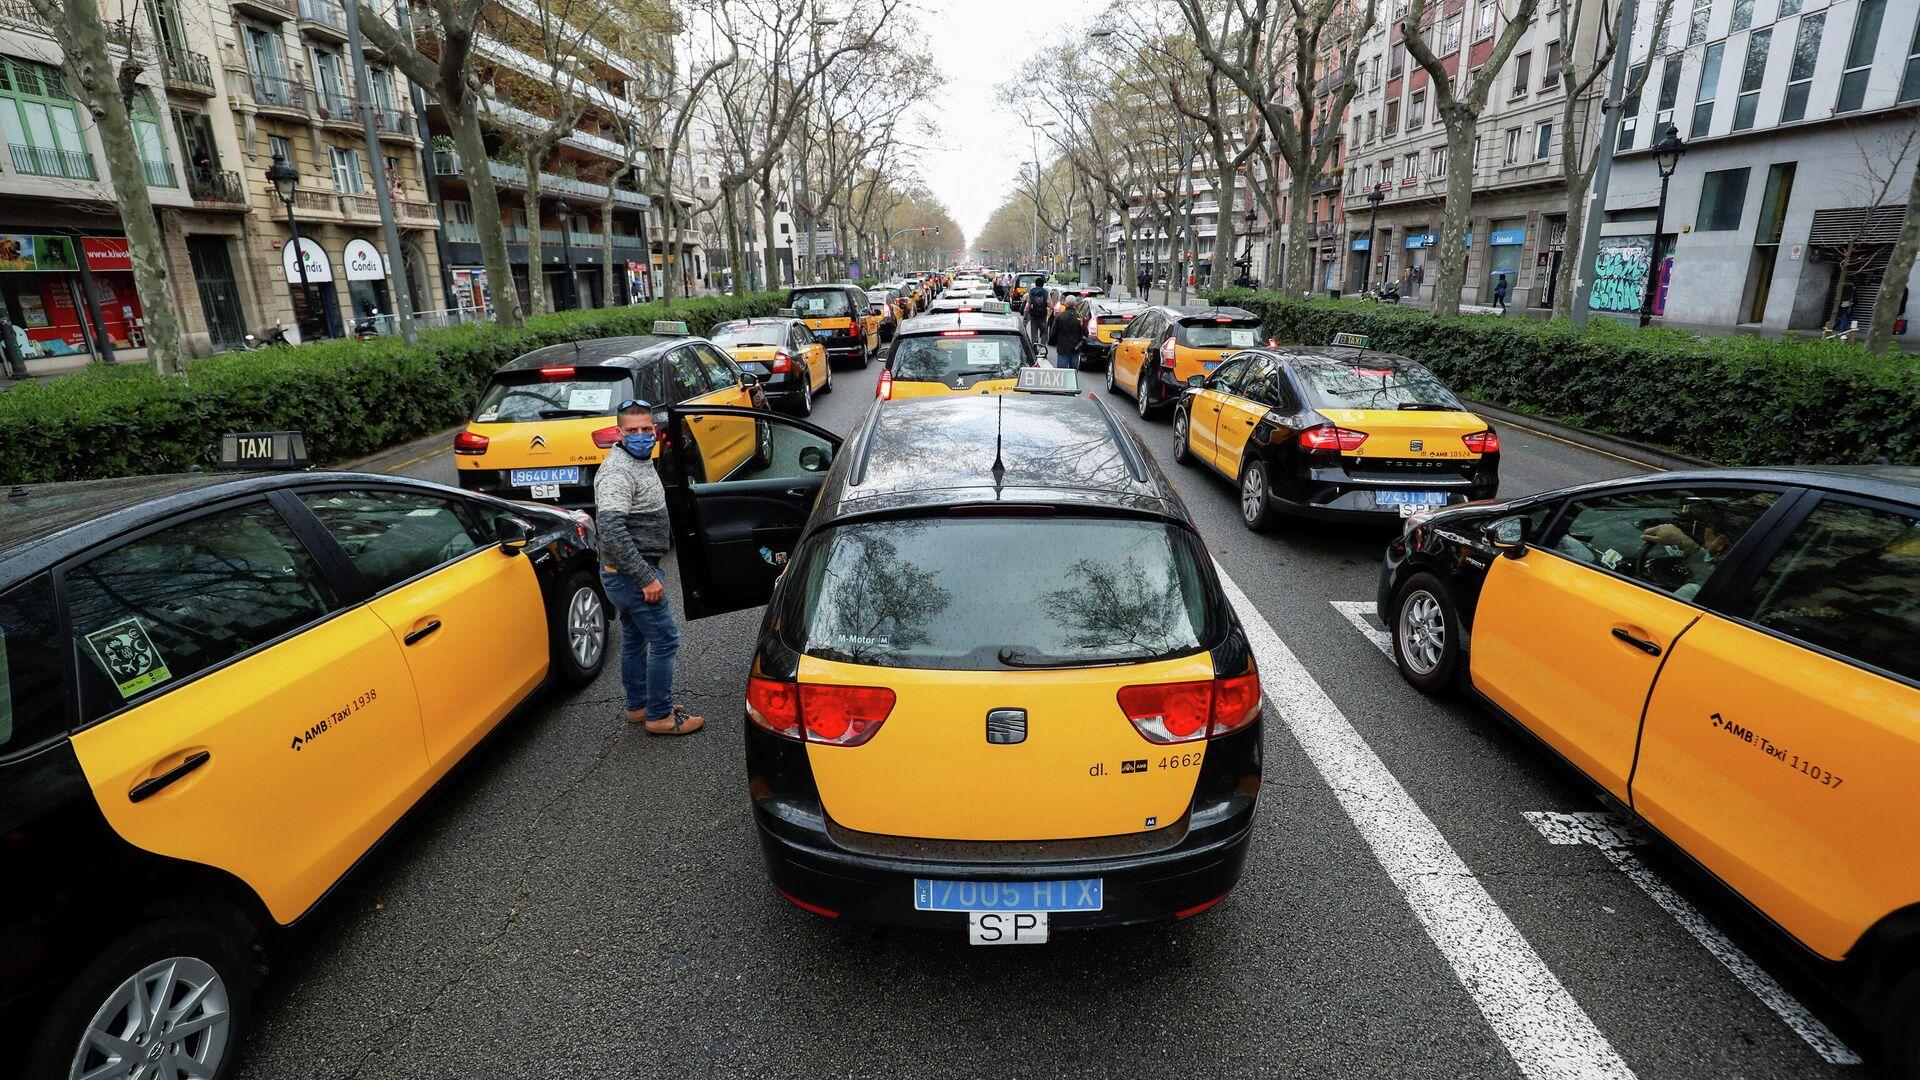 Los taxistas protestan contra el regreso de Uber a Barcelona, España - Sputnik Mundo, 1920, 18.03.2021